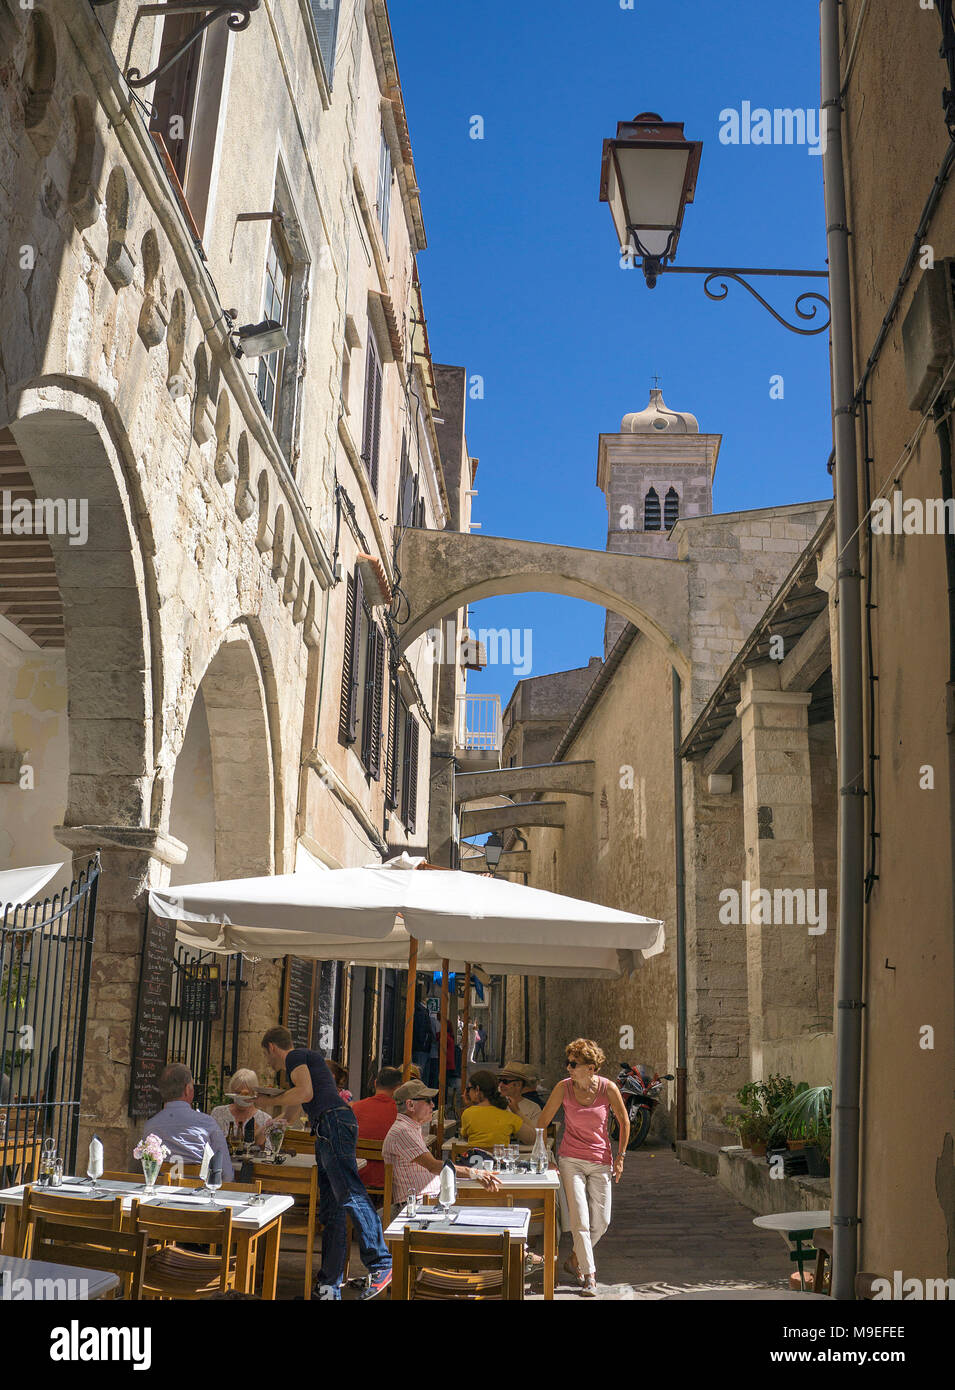 Restaurant idyllique à la vieille ville, derrière l'église Eglise Sainte Marie Majeure, Bonifacio, Corse, France, Europe, Méditerranée Photo Stock